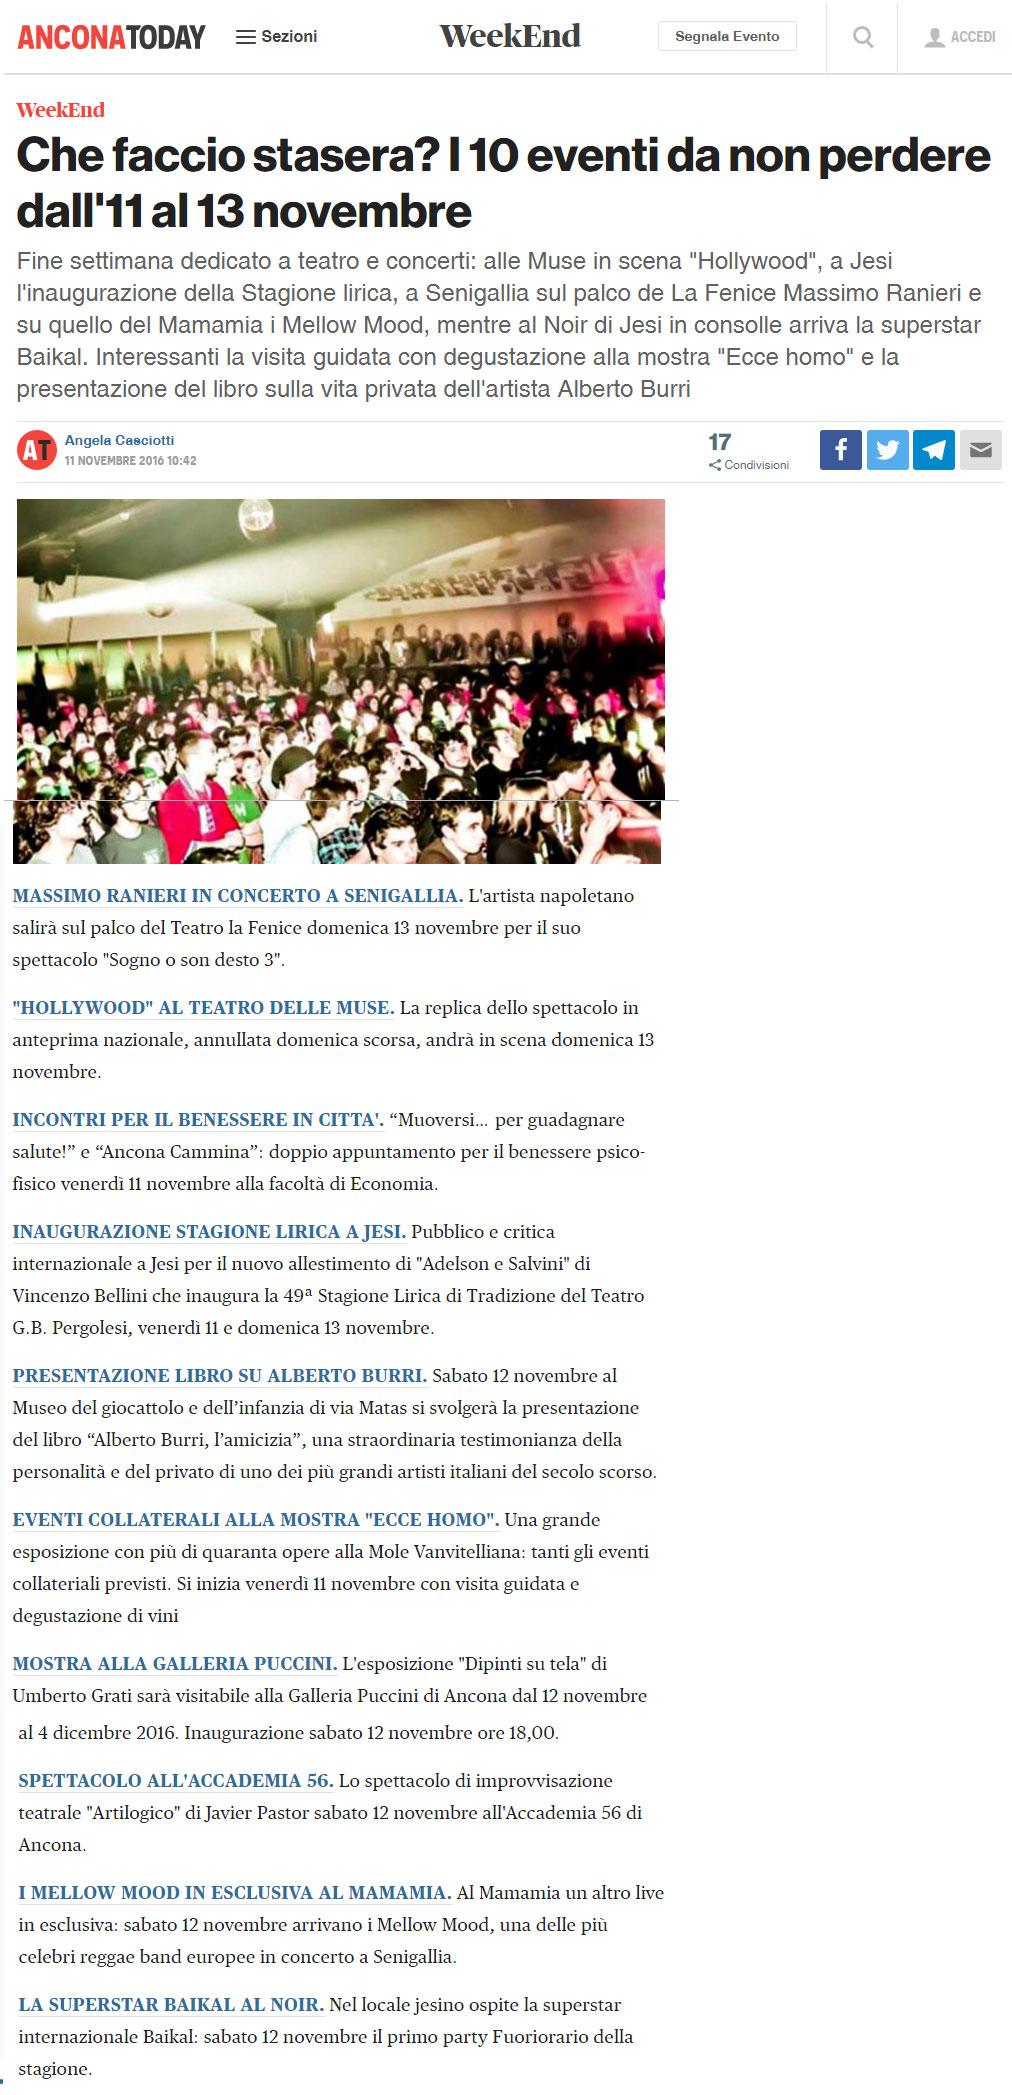 20146_11_11_i-10-eventi-da-non-perdere-ad-ancona-dall11-al-13-novembre-2016_anconatoday